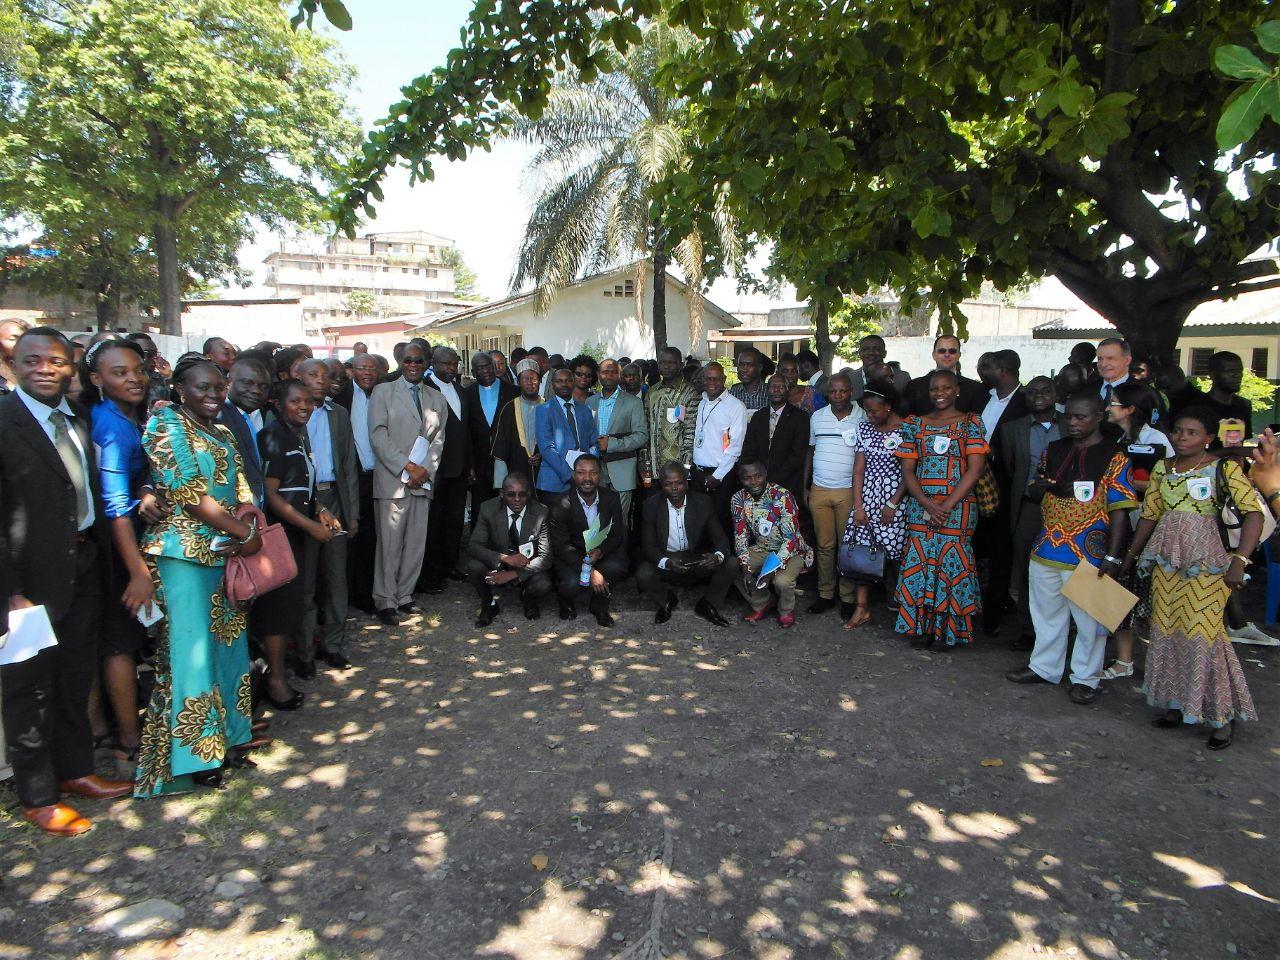 RDC_Ecoforleaders_03